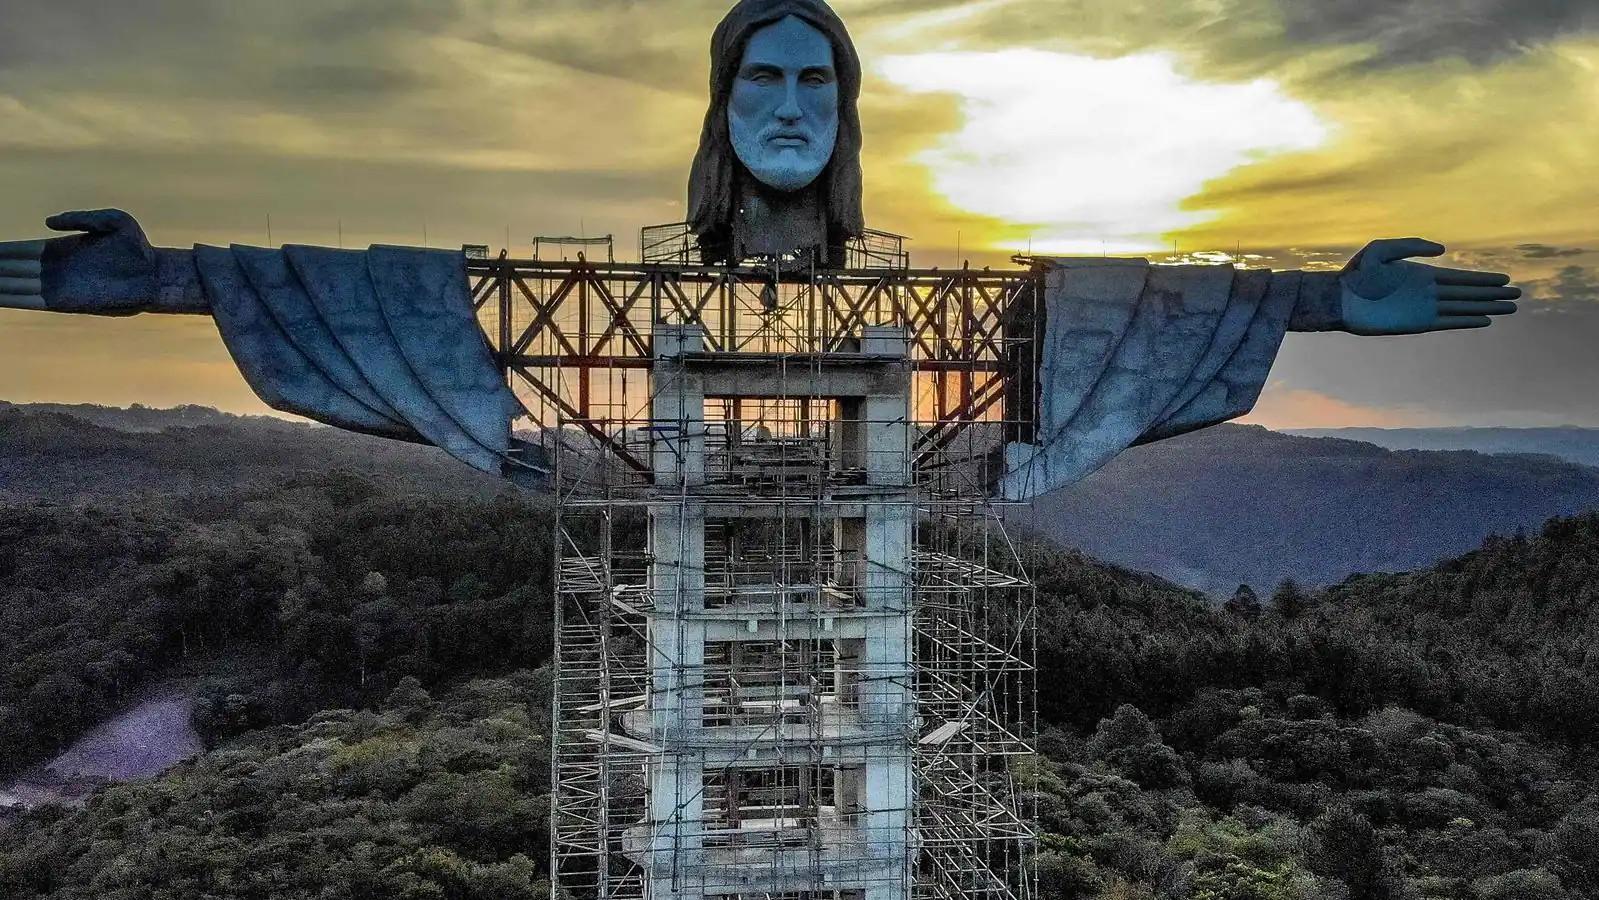 Brazili ndërton statujën e re gjigande të Krishtit, më e gjatë se e Rios